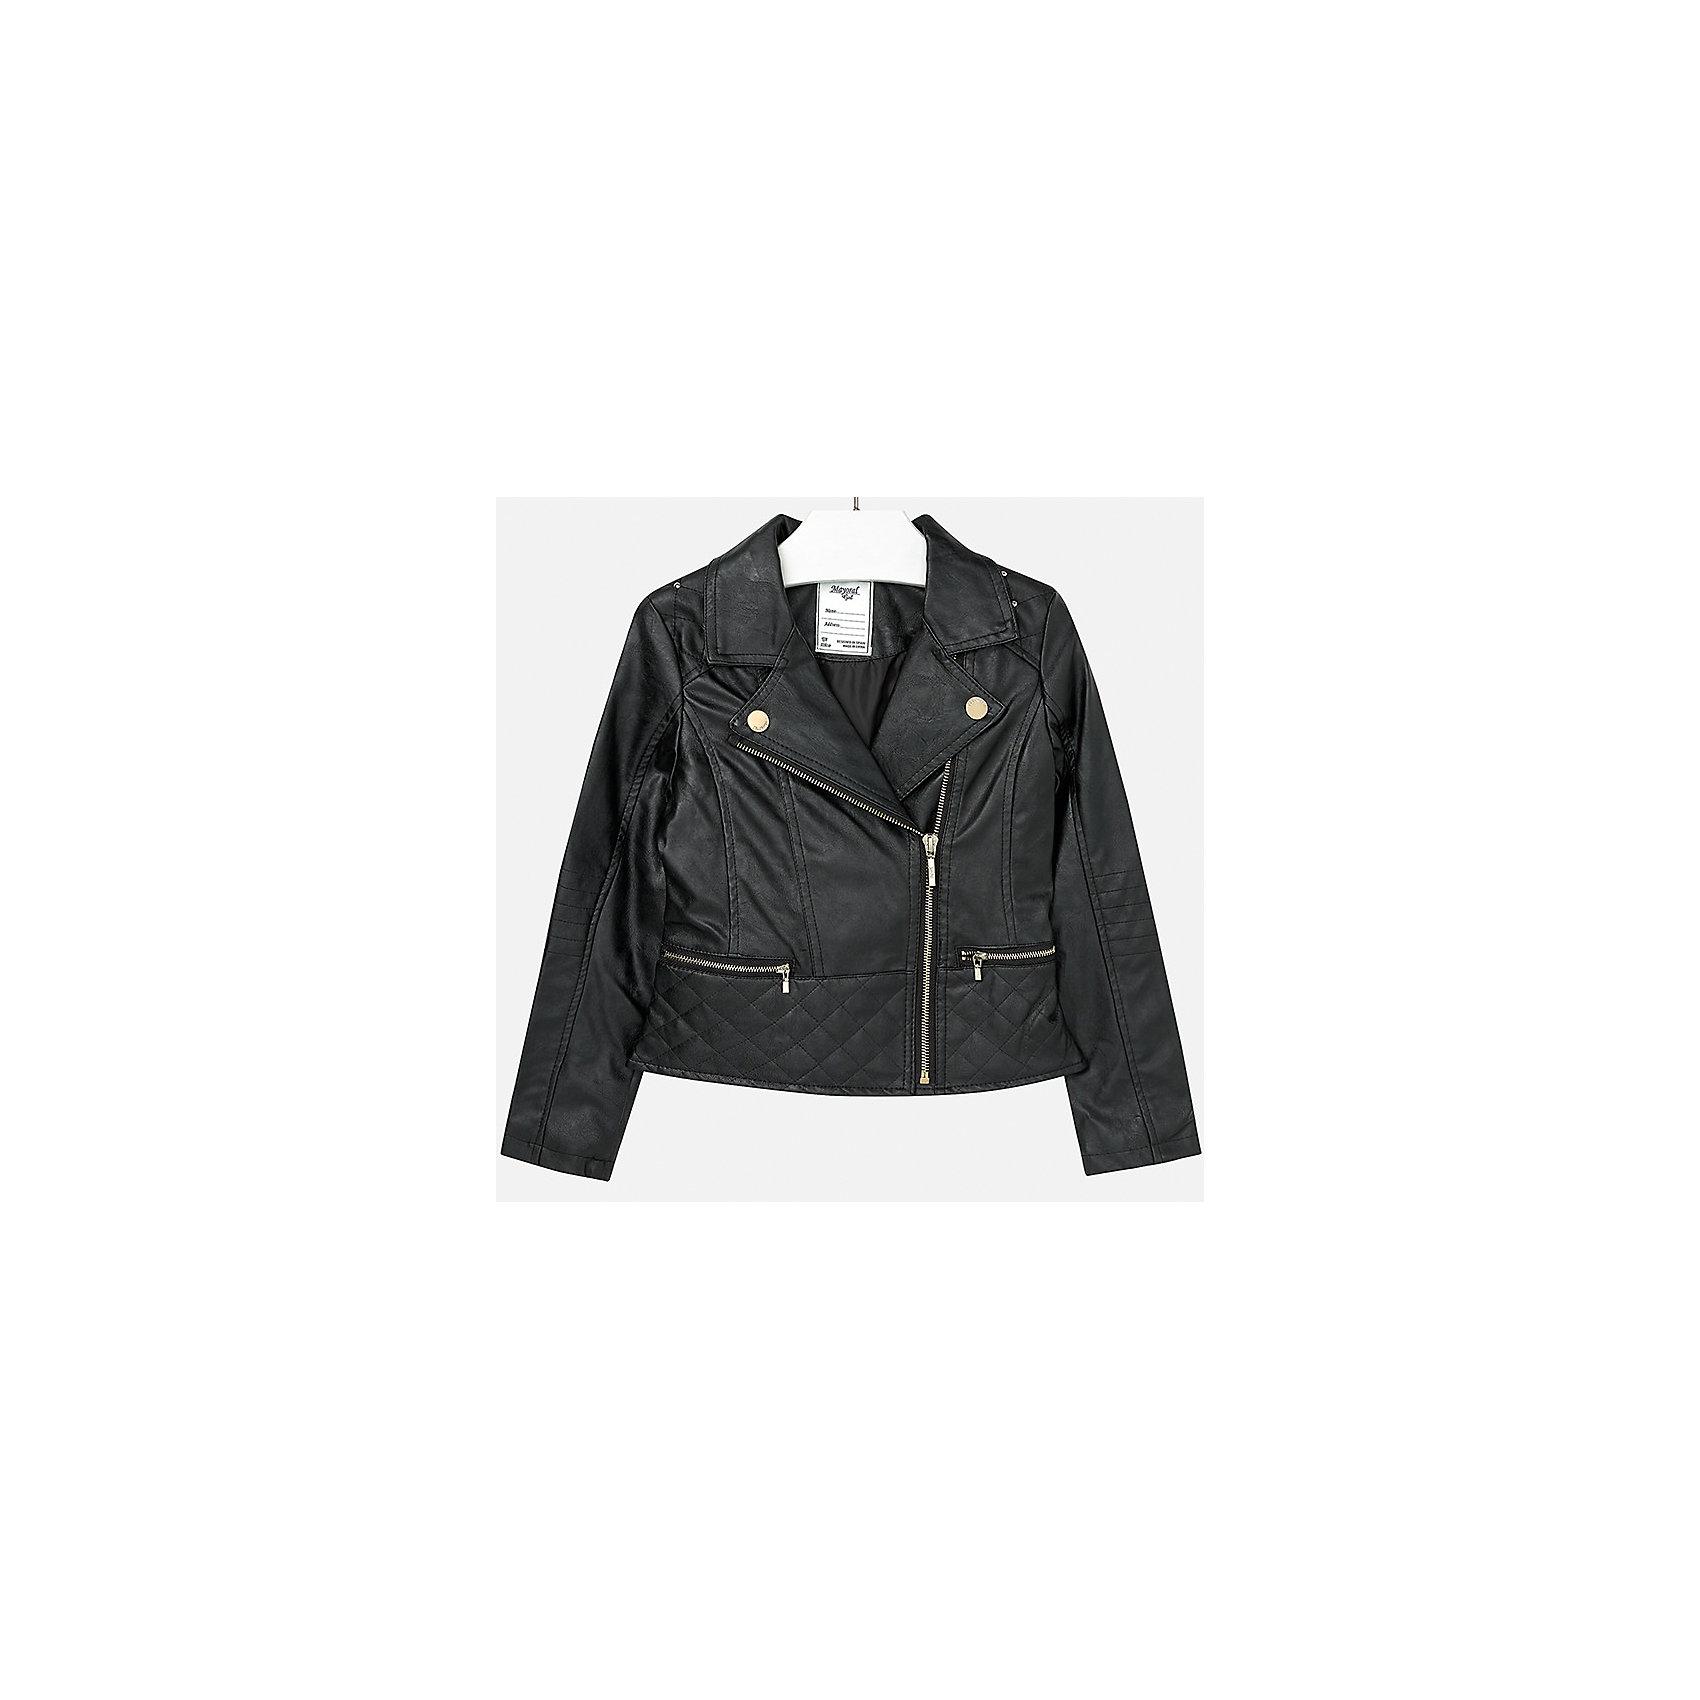 Куртка для девочки MayoralКуртка для девочки от известного испанского бренда Mayoral(Майорал). Куртка застегивается на молнию, украшена декоративными пуговицами и стразами. Изготовлена из качественных водоотталкивающих и дышащих материалов. Стильная курточка займет достойное место в гардеробе девочки!<br>Дополнительная информация:<br>-застегивается на молнию<br>-украшена стразами и декоративными пуговицами<br>-цвет: черный<br>-состав. 100% полиуретан; подкладка: 100% полиэстер<br>Куртку для девочки Mayoral(Майорал) можно купить в нашем интернет-магазине.<br><br>Ширина мм: 356<br>Глубина мм: 10<br>Высота мм: 245<br>Вес г: 519<br>Цвет: черный<br>Возраст от месяцев: 96<br>Возраст до месяцев: 108<br>Пол: Женский<br>Возраст: Детский<br>Размер: 128/134,152/158,134/140,164/170,158/164,146/152<br>SKU: 4847276